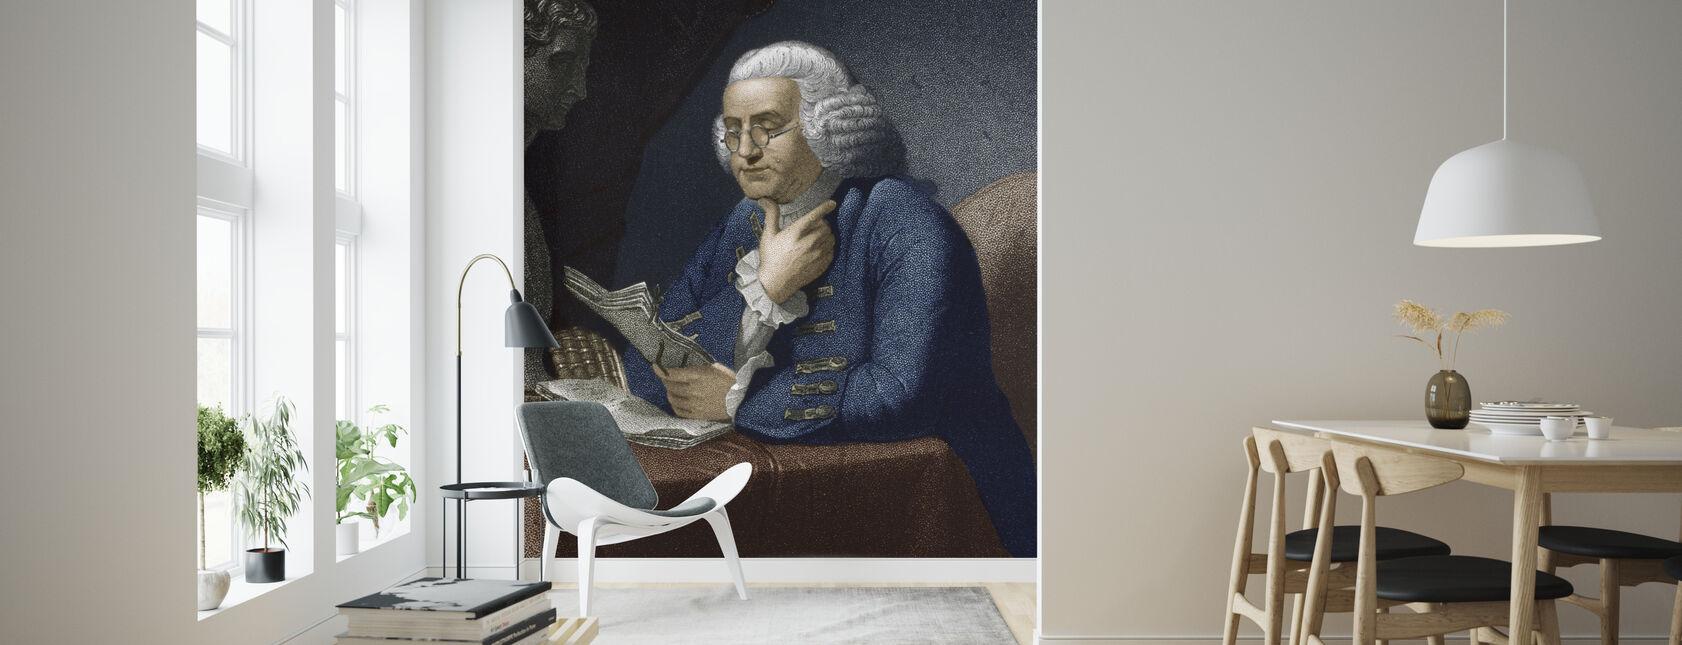 Benjamin Franklin - Wallpaper - Living Room